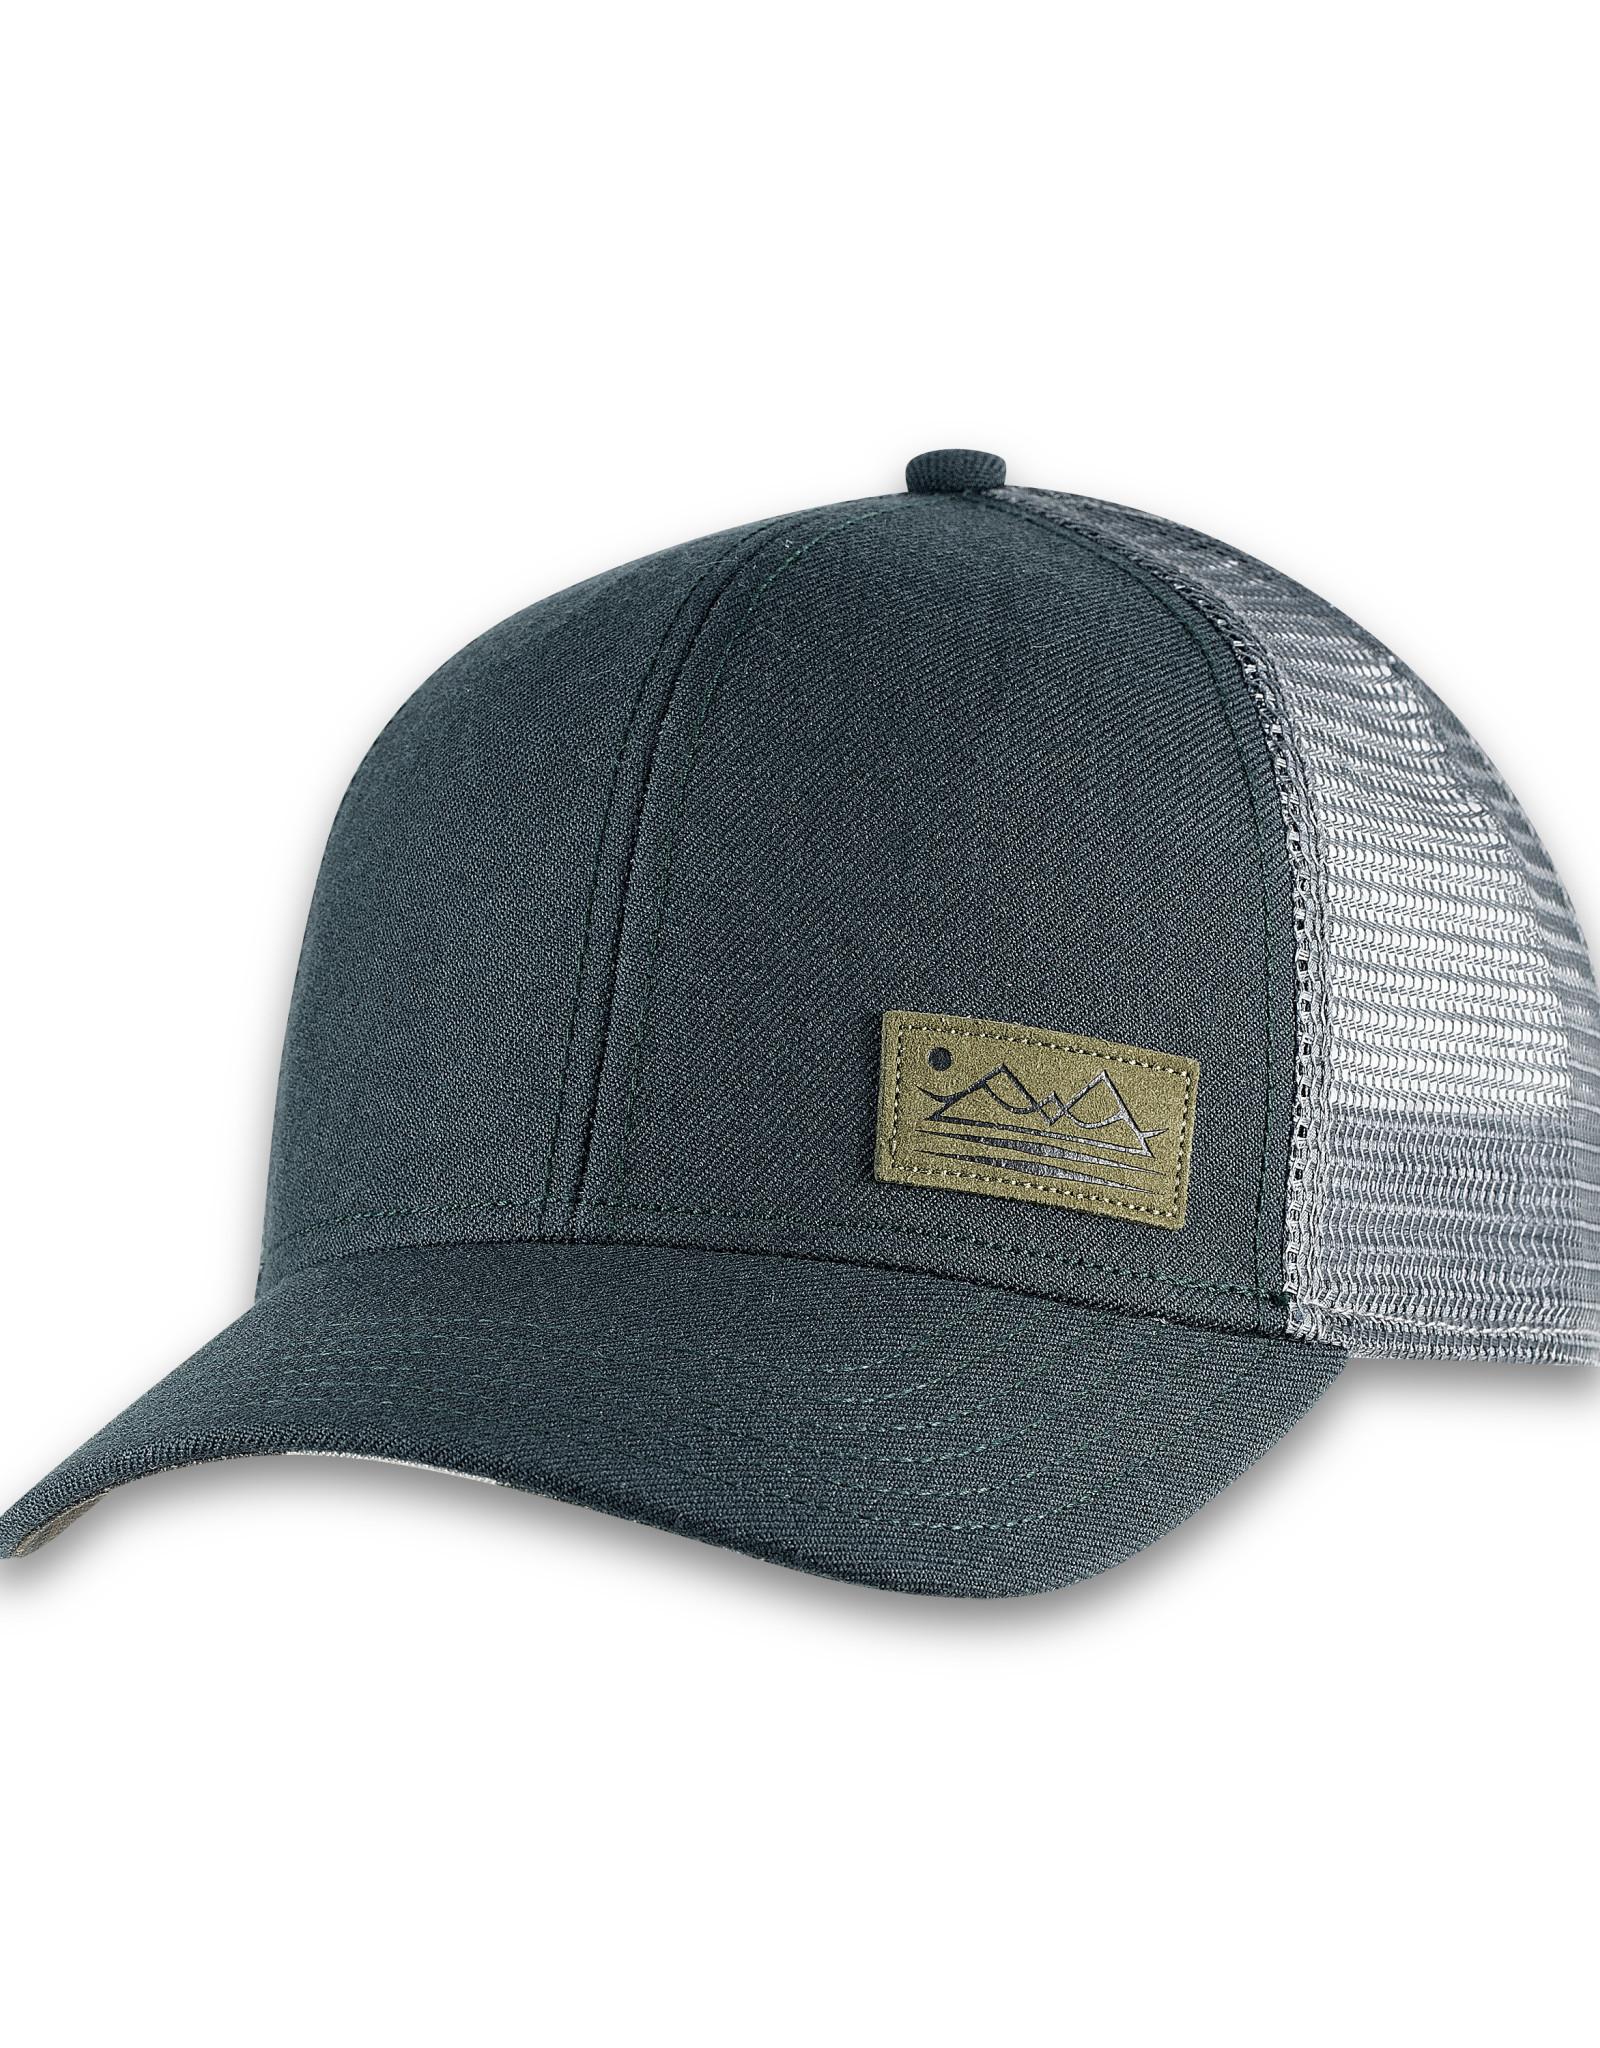 Spruce Dean Hat